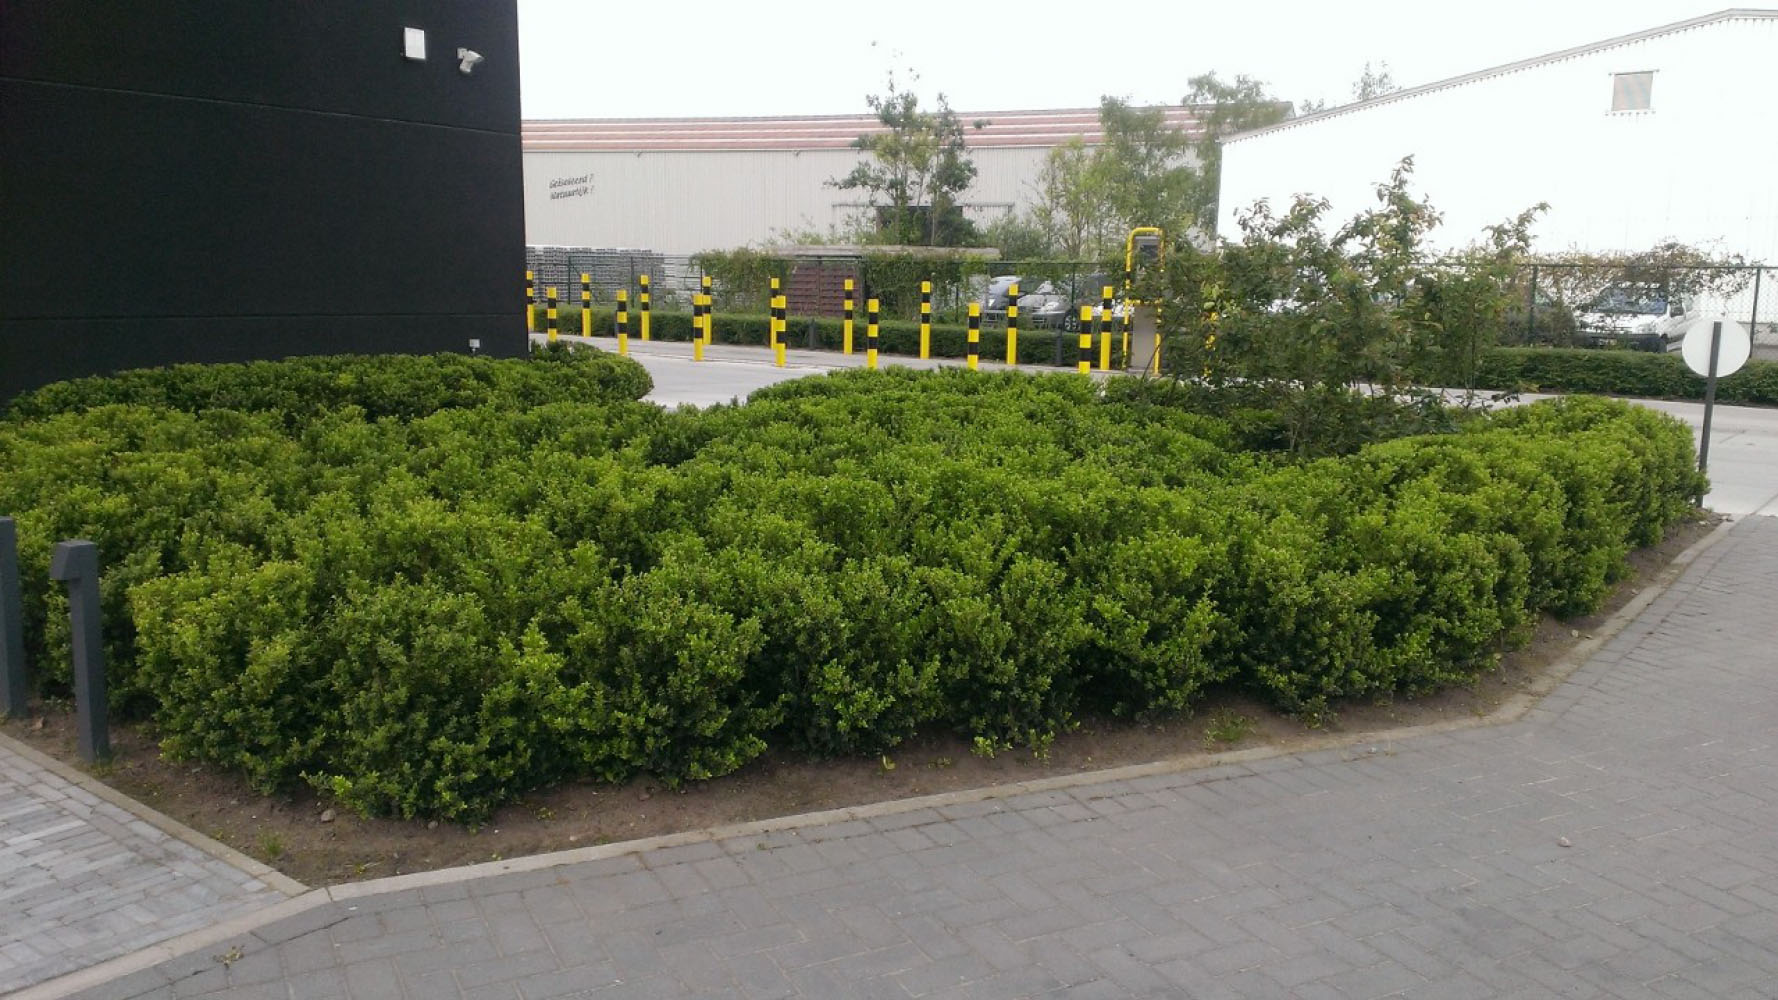 Bedrijfstuinen gezamenlijke tuinen voorbeeld van bedrijfstuin en gezamenlijke tuin - Bed dat gelederen ...